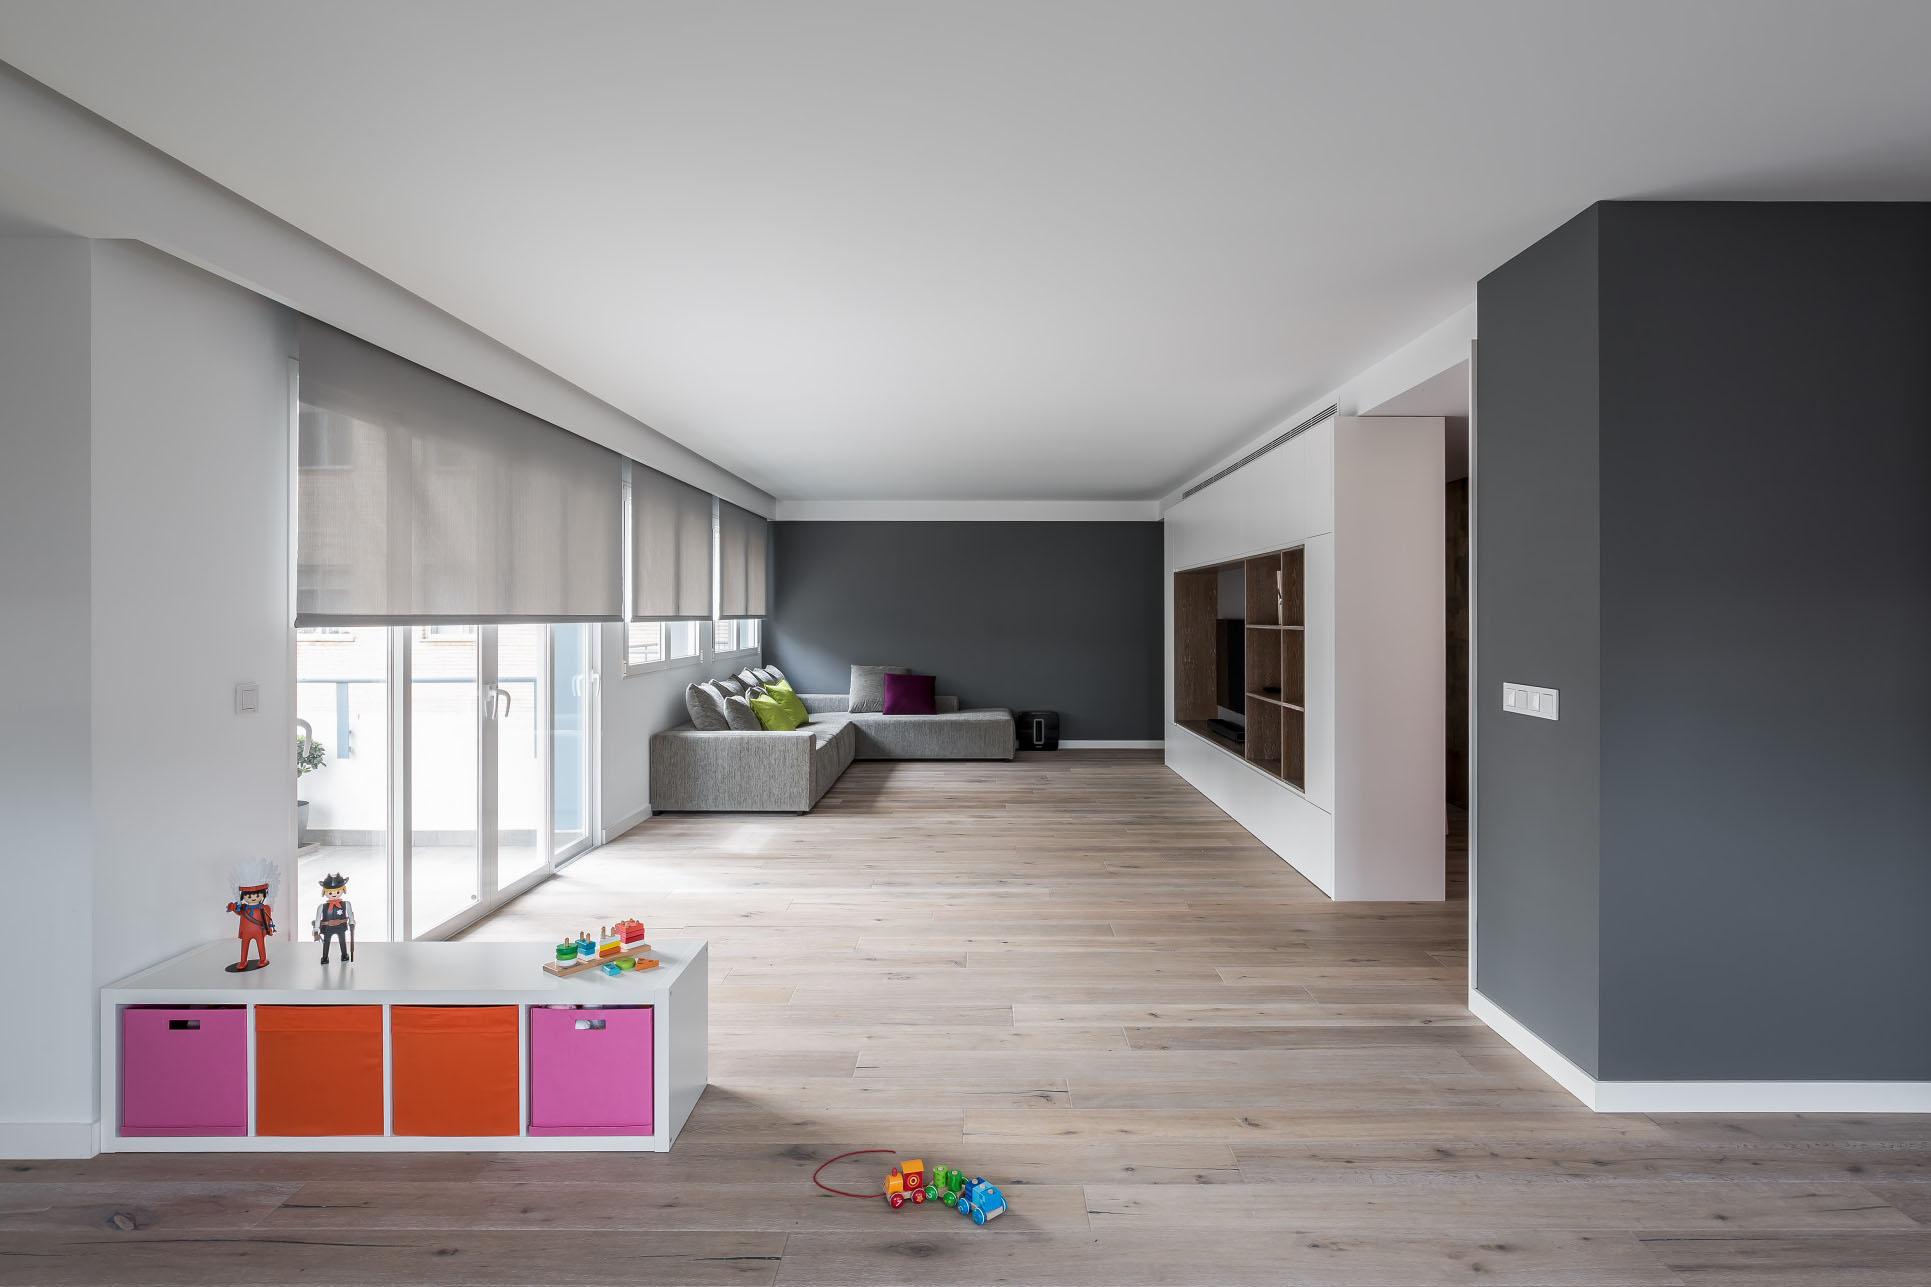 fotografia-arquitectura-valencia-german-cabo-ambau-gordillo (x)_portada